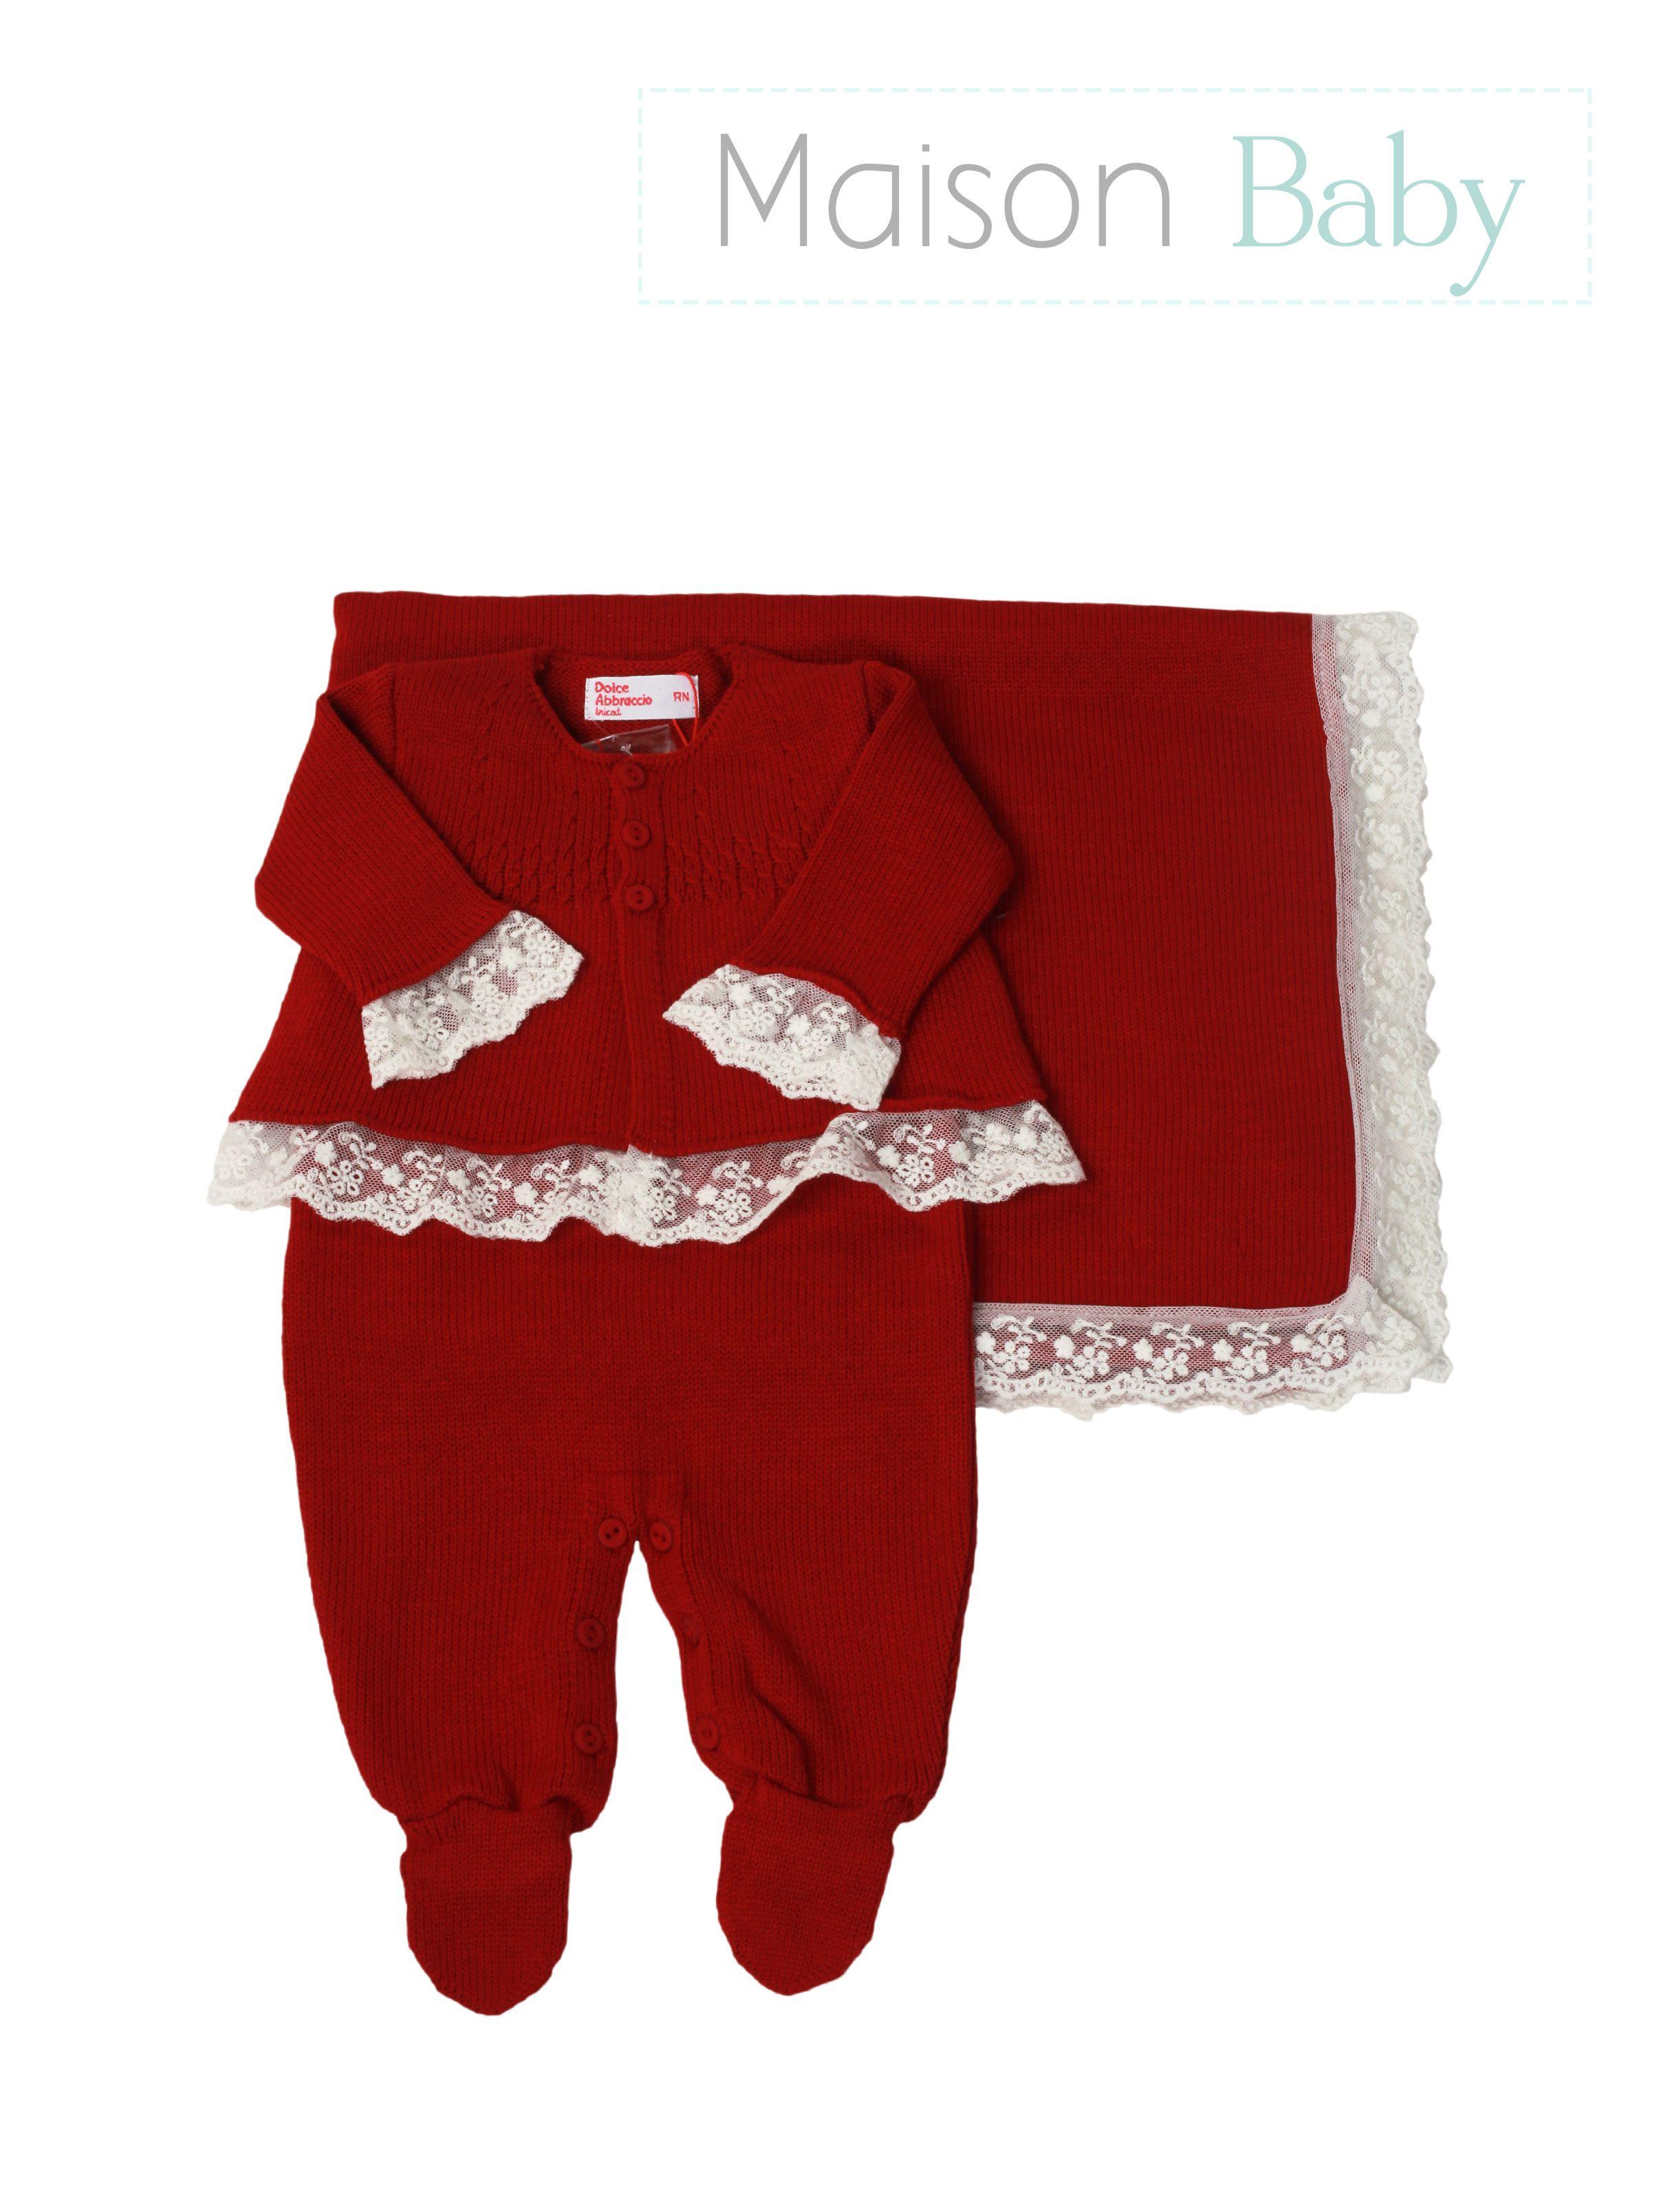 473605b531432 Saída de maternidade vermelha para meninas Dolce Abbraccio na Maison Baby.  Encontre este Pin e ...